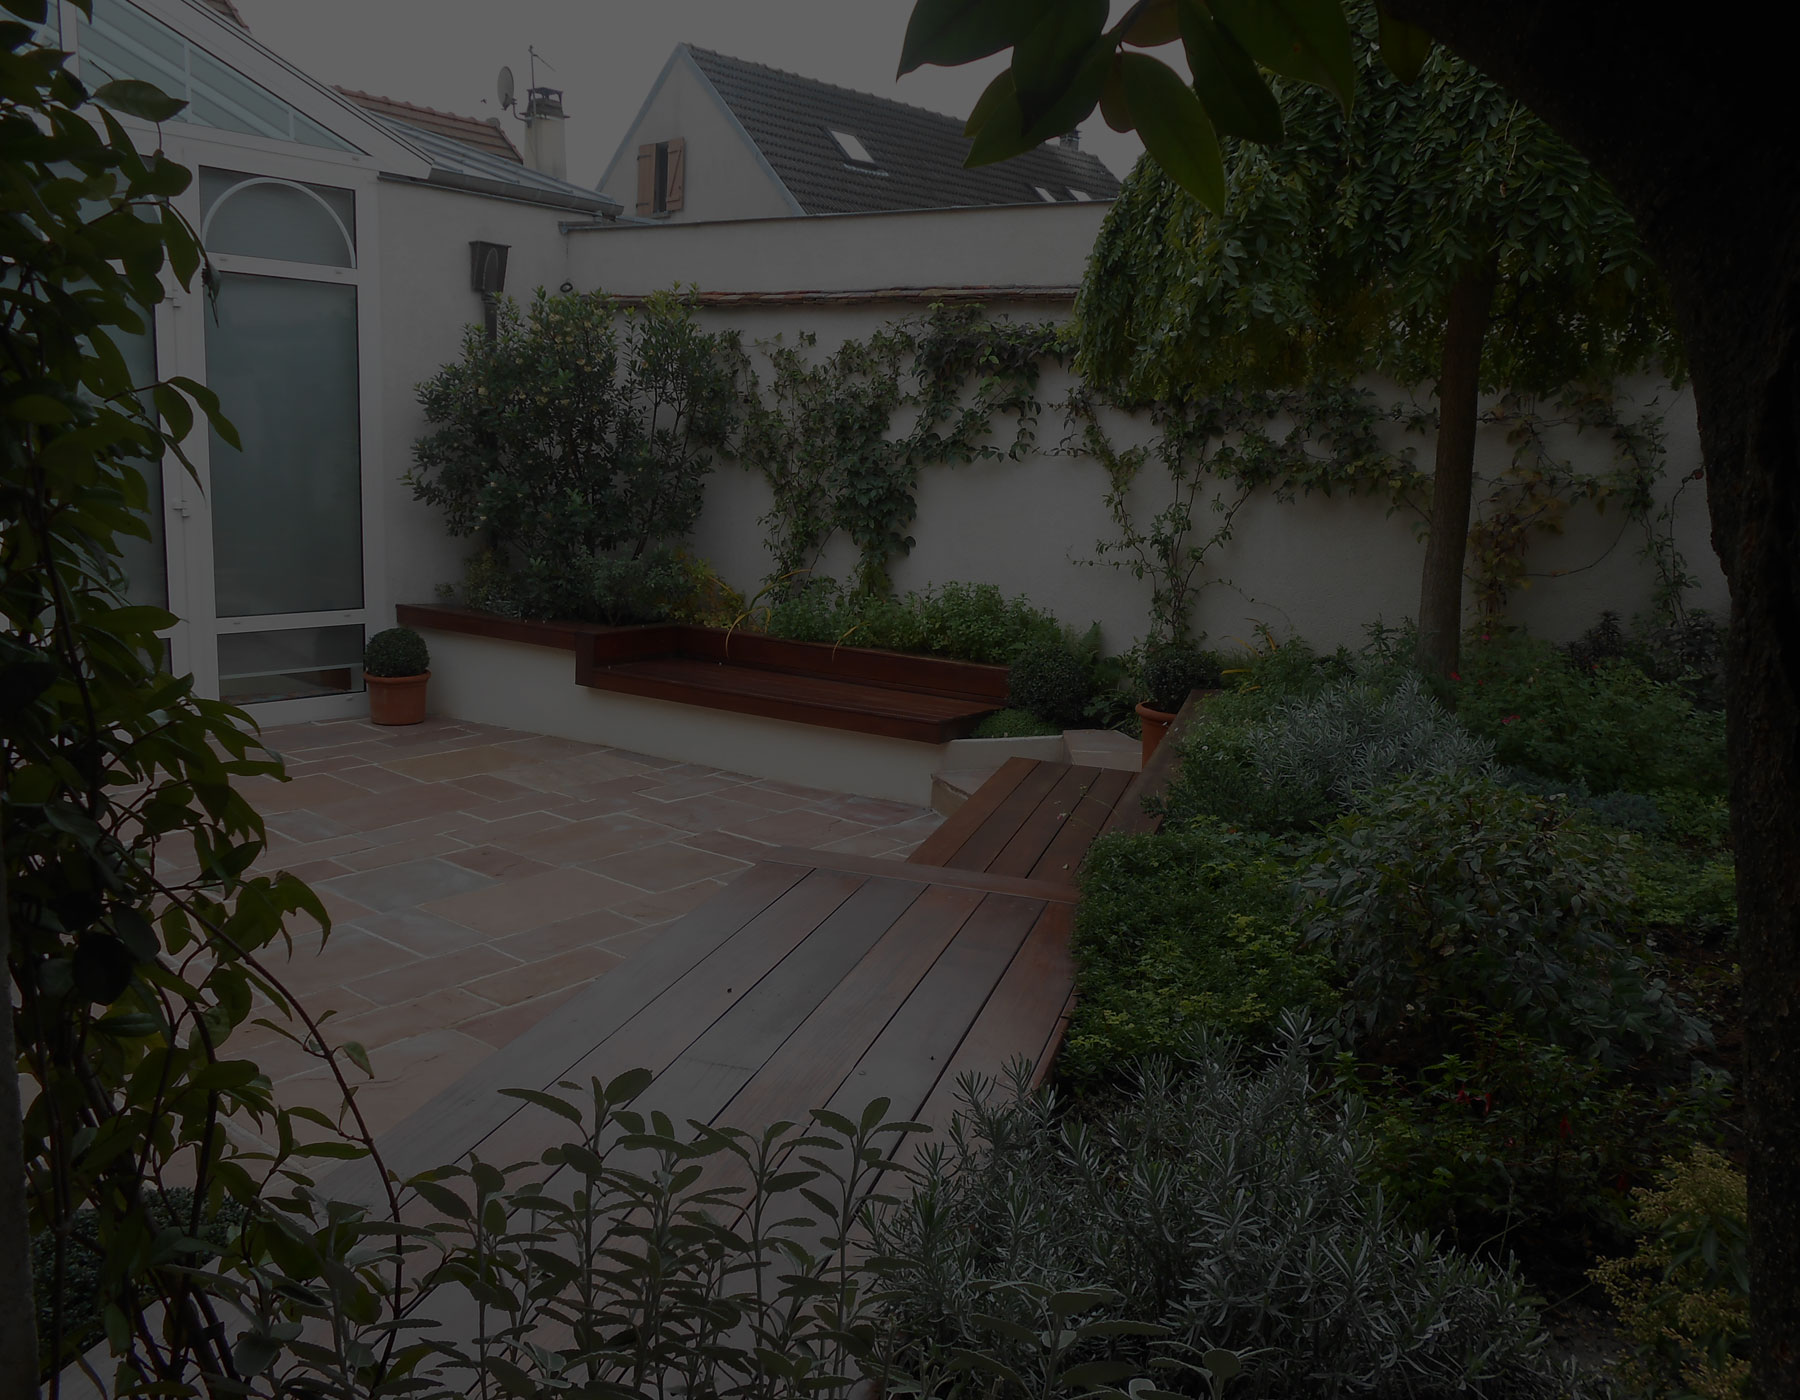 Paysagiste paris 10 cr ation am nagement jardin boulogne billancourt - Amenagement jardin maison contemporaine boulogne billancourt ...